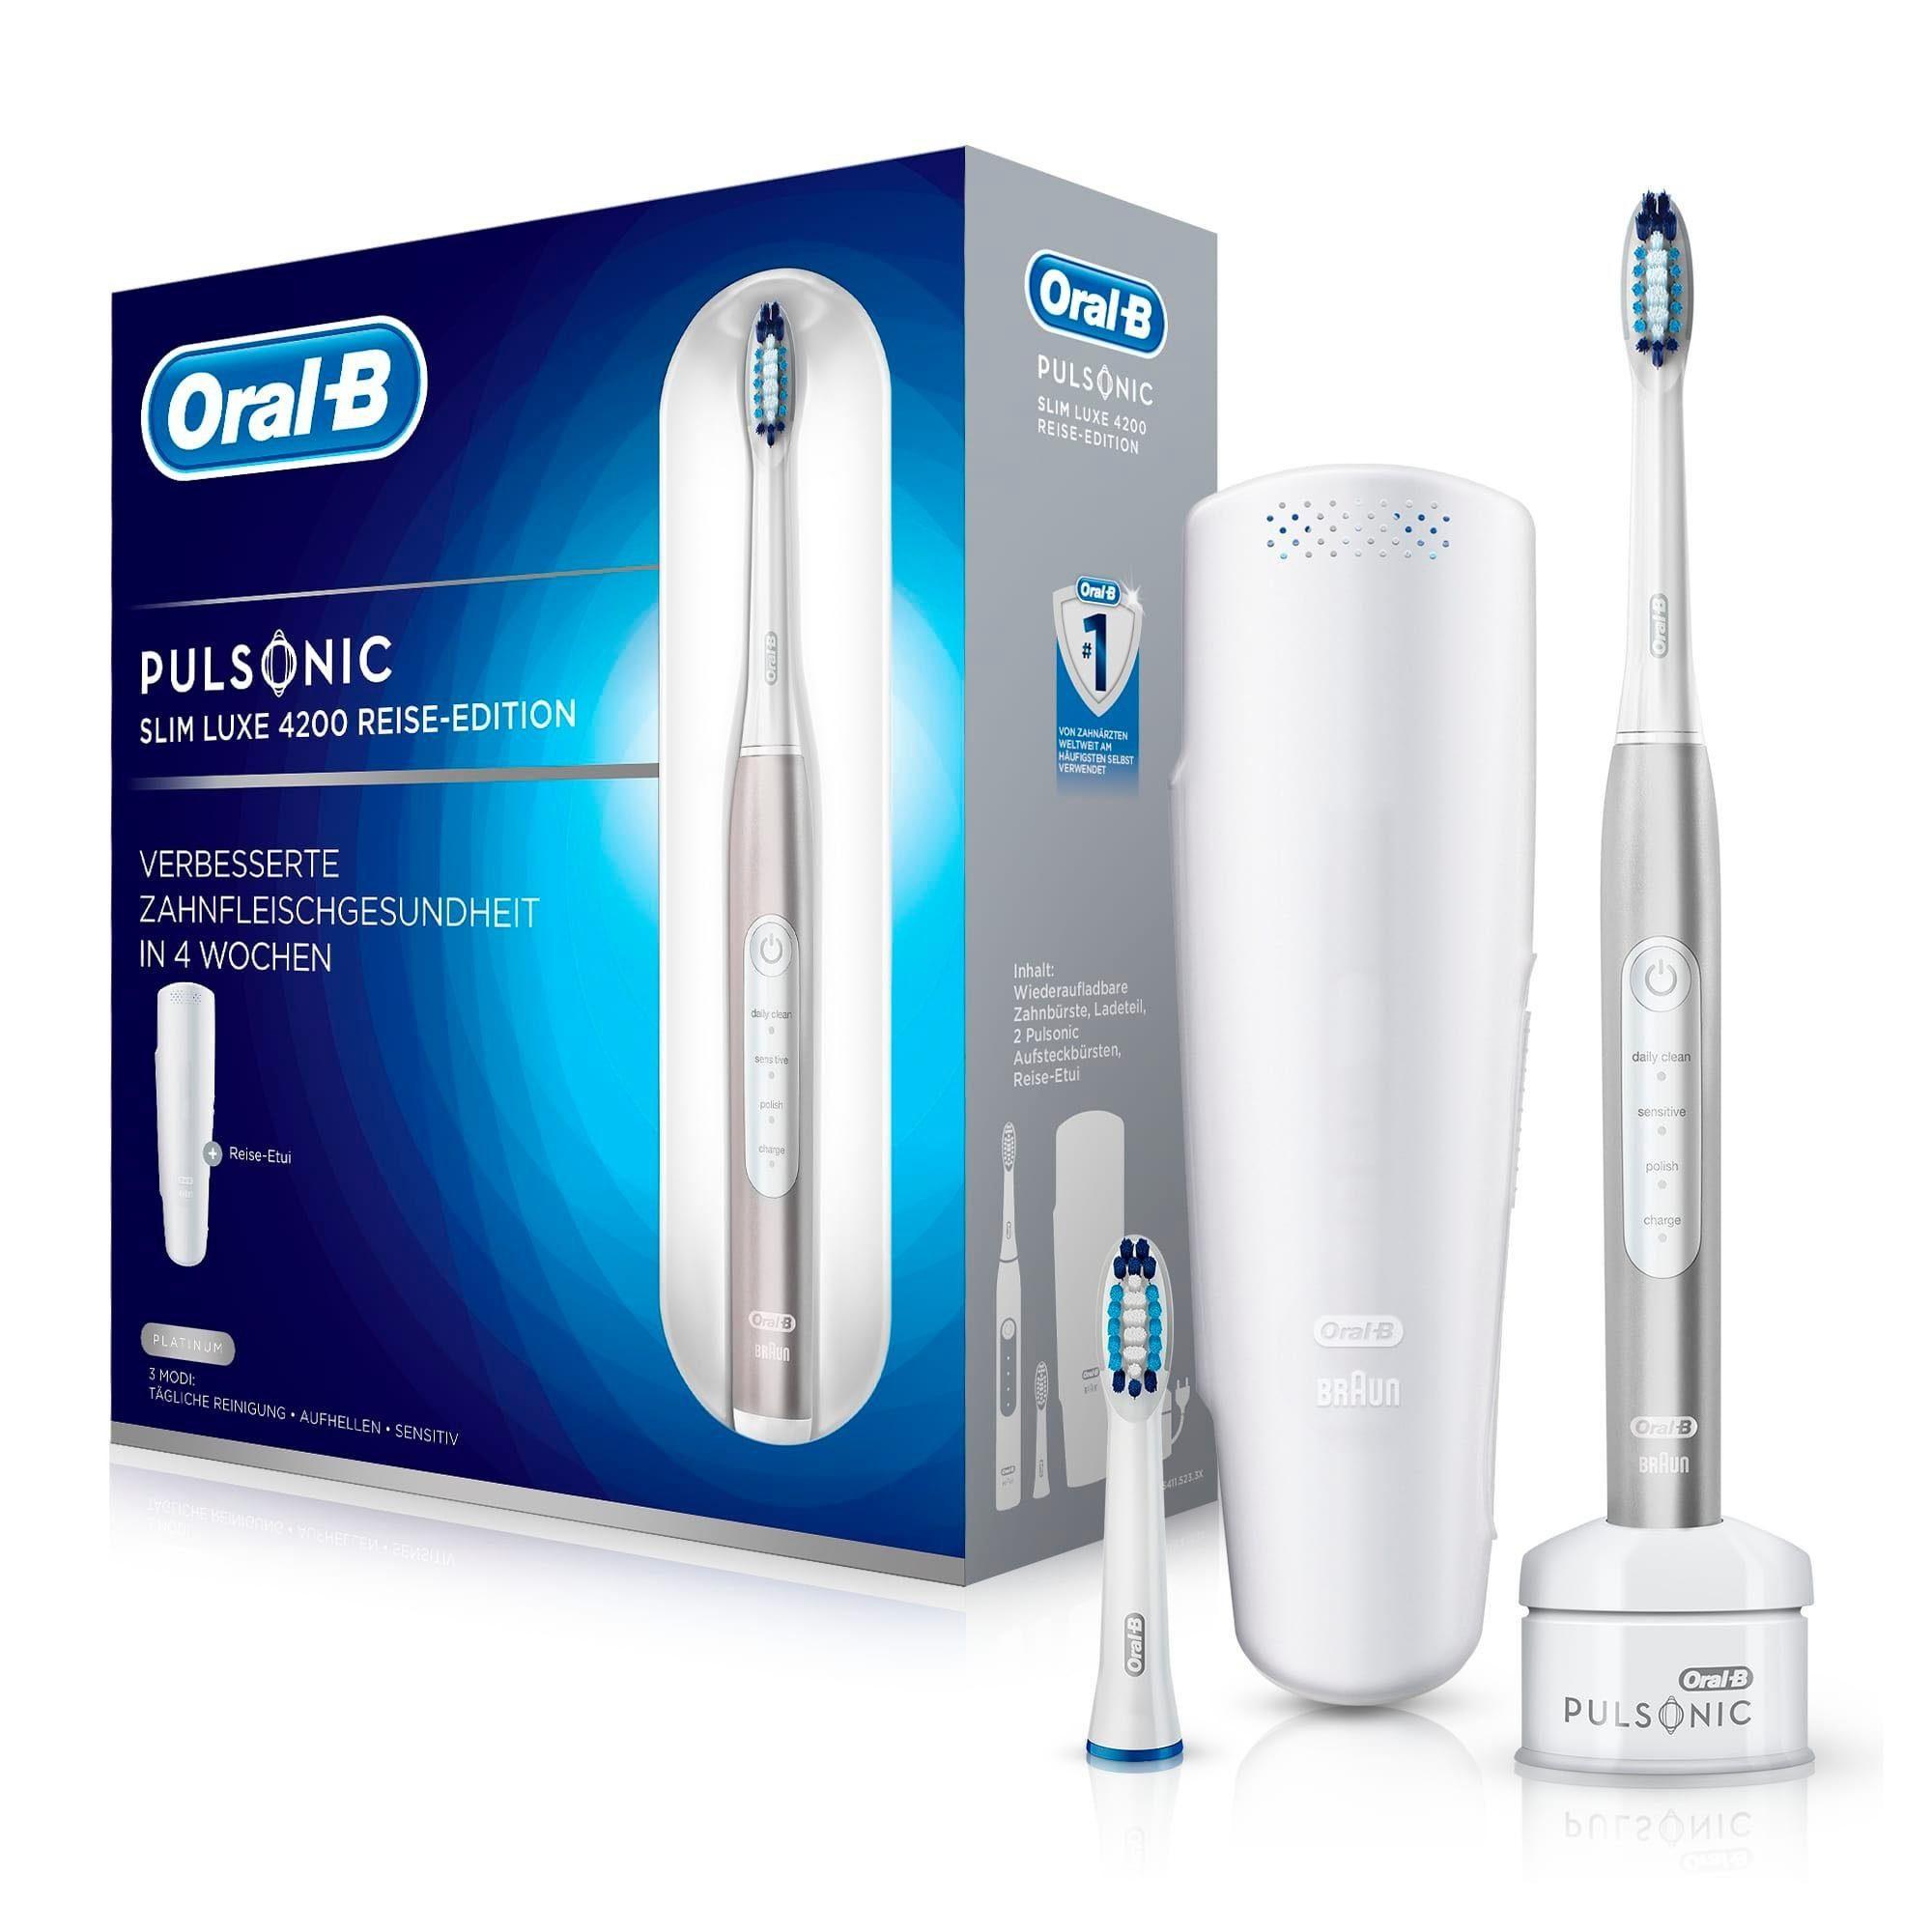 Oral B Schallzahnbürste Pulsonic Slim Luxe 4200, Aufsteckbürsten: 2 St.